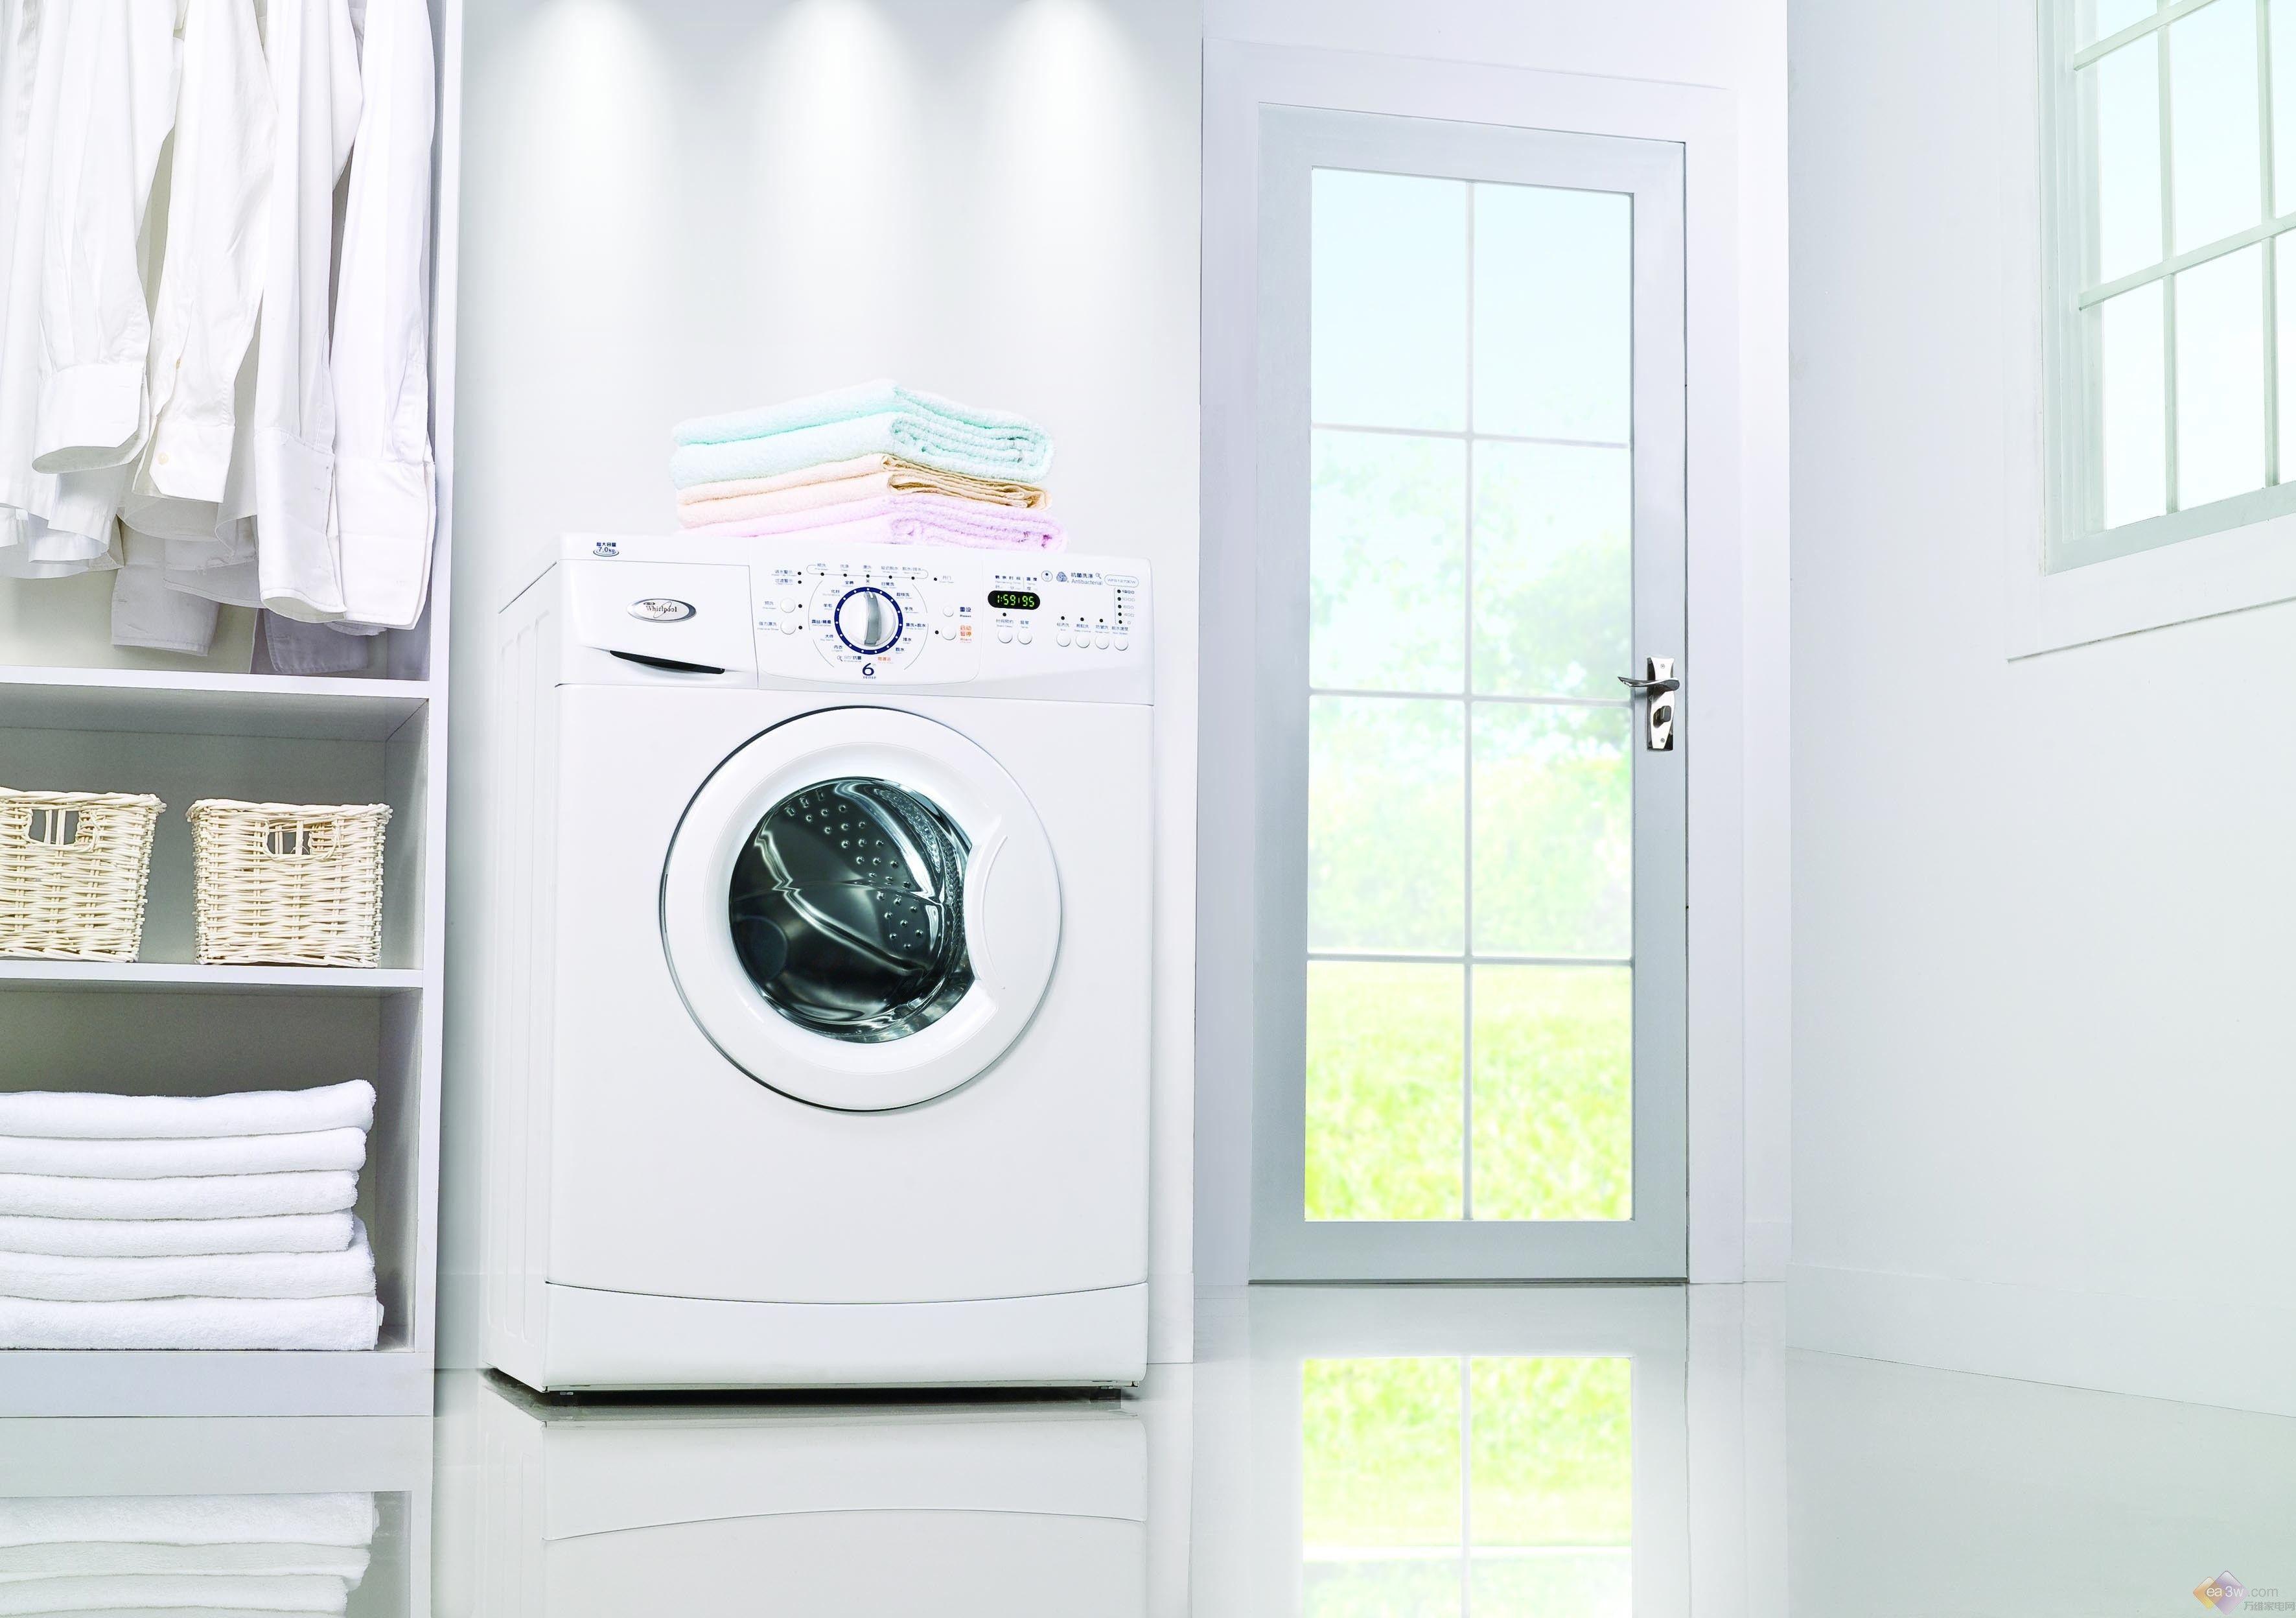 公斤大容量洗衣机成为未来市场主流